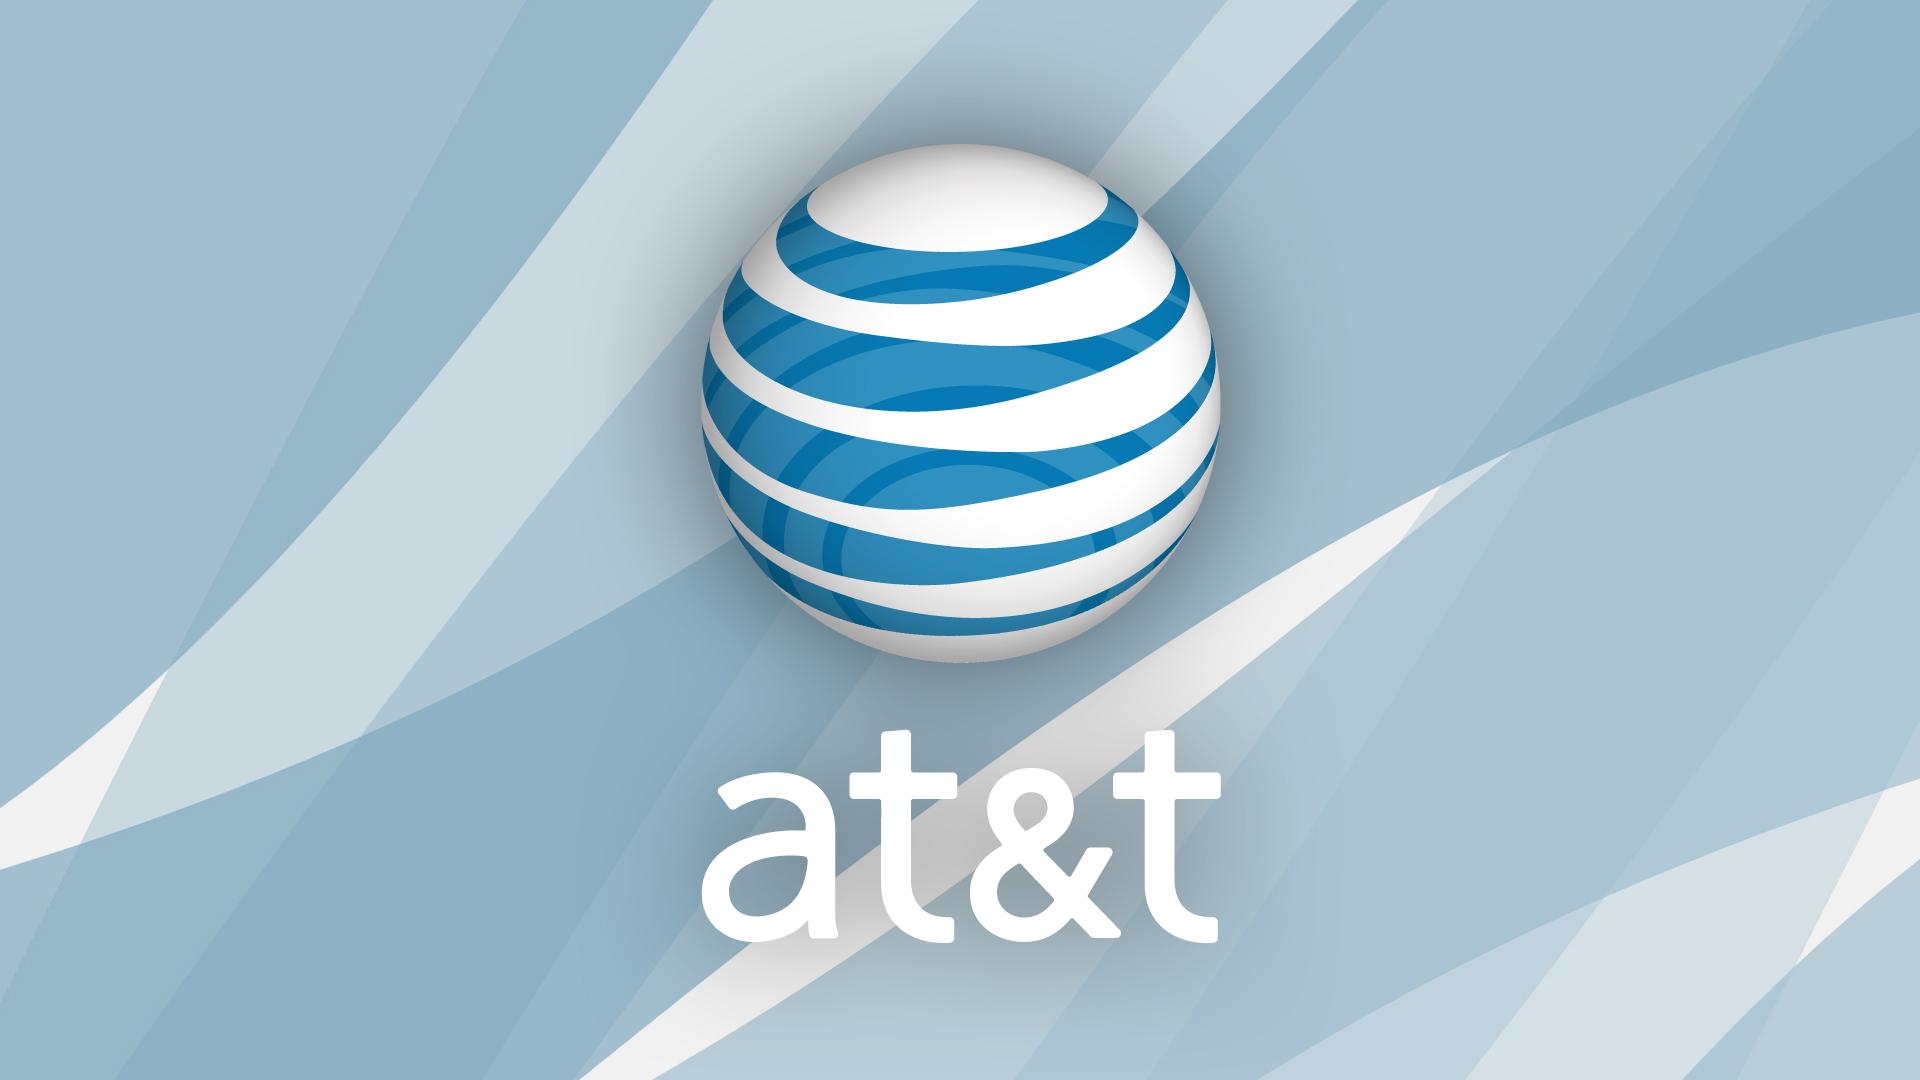 AT&T Wallpapers - WallpaperSafari